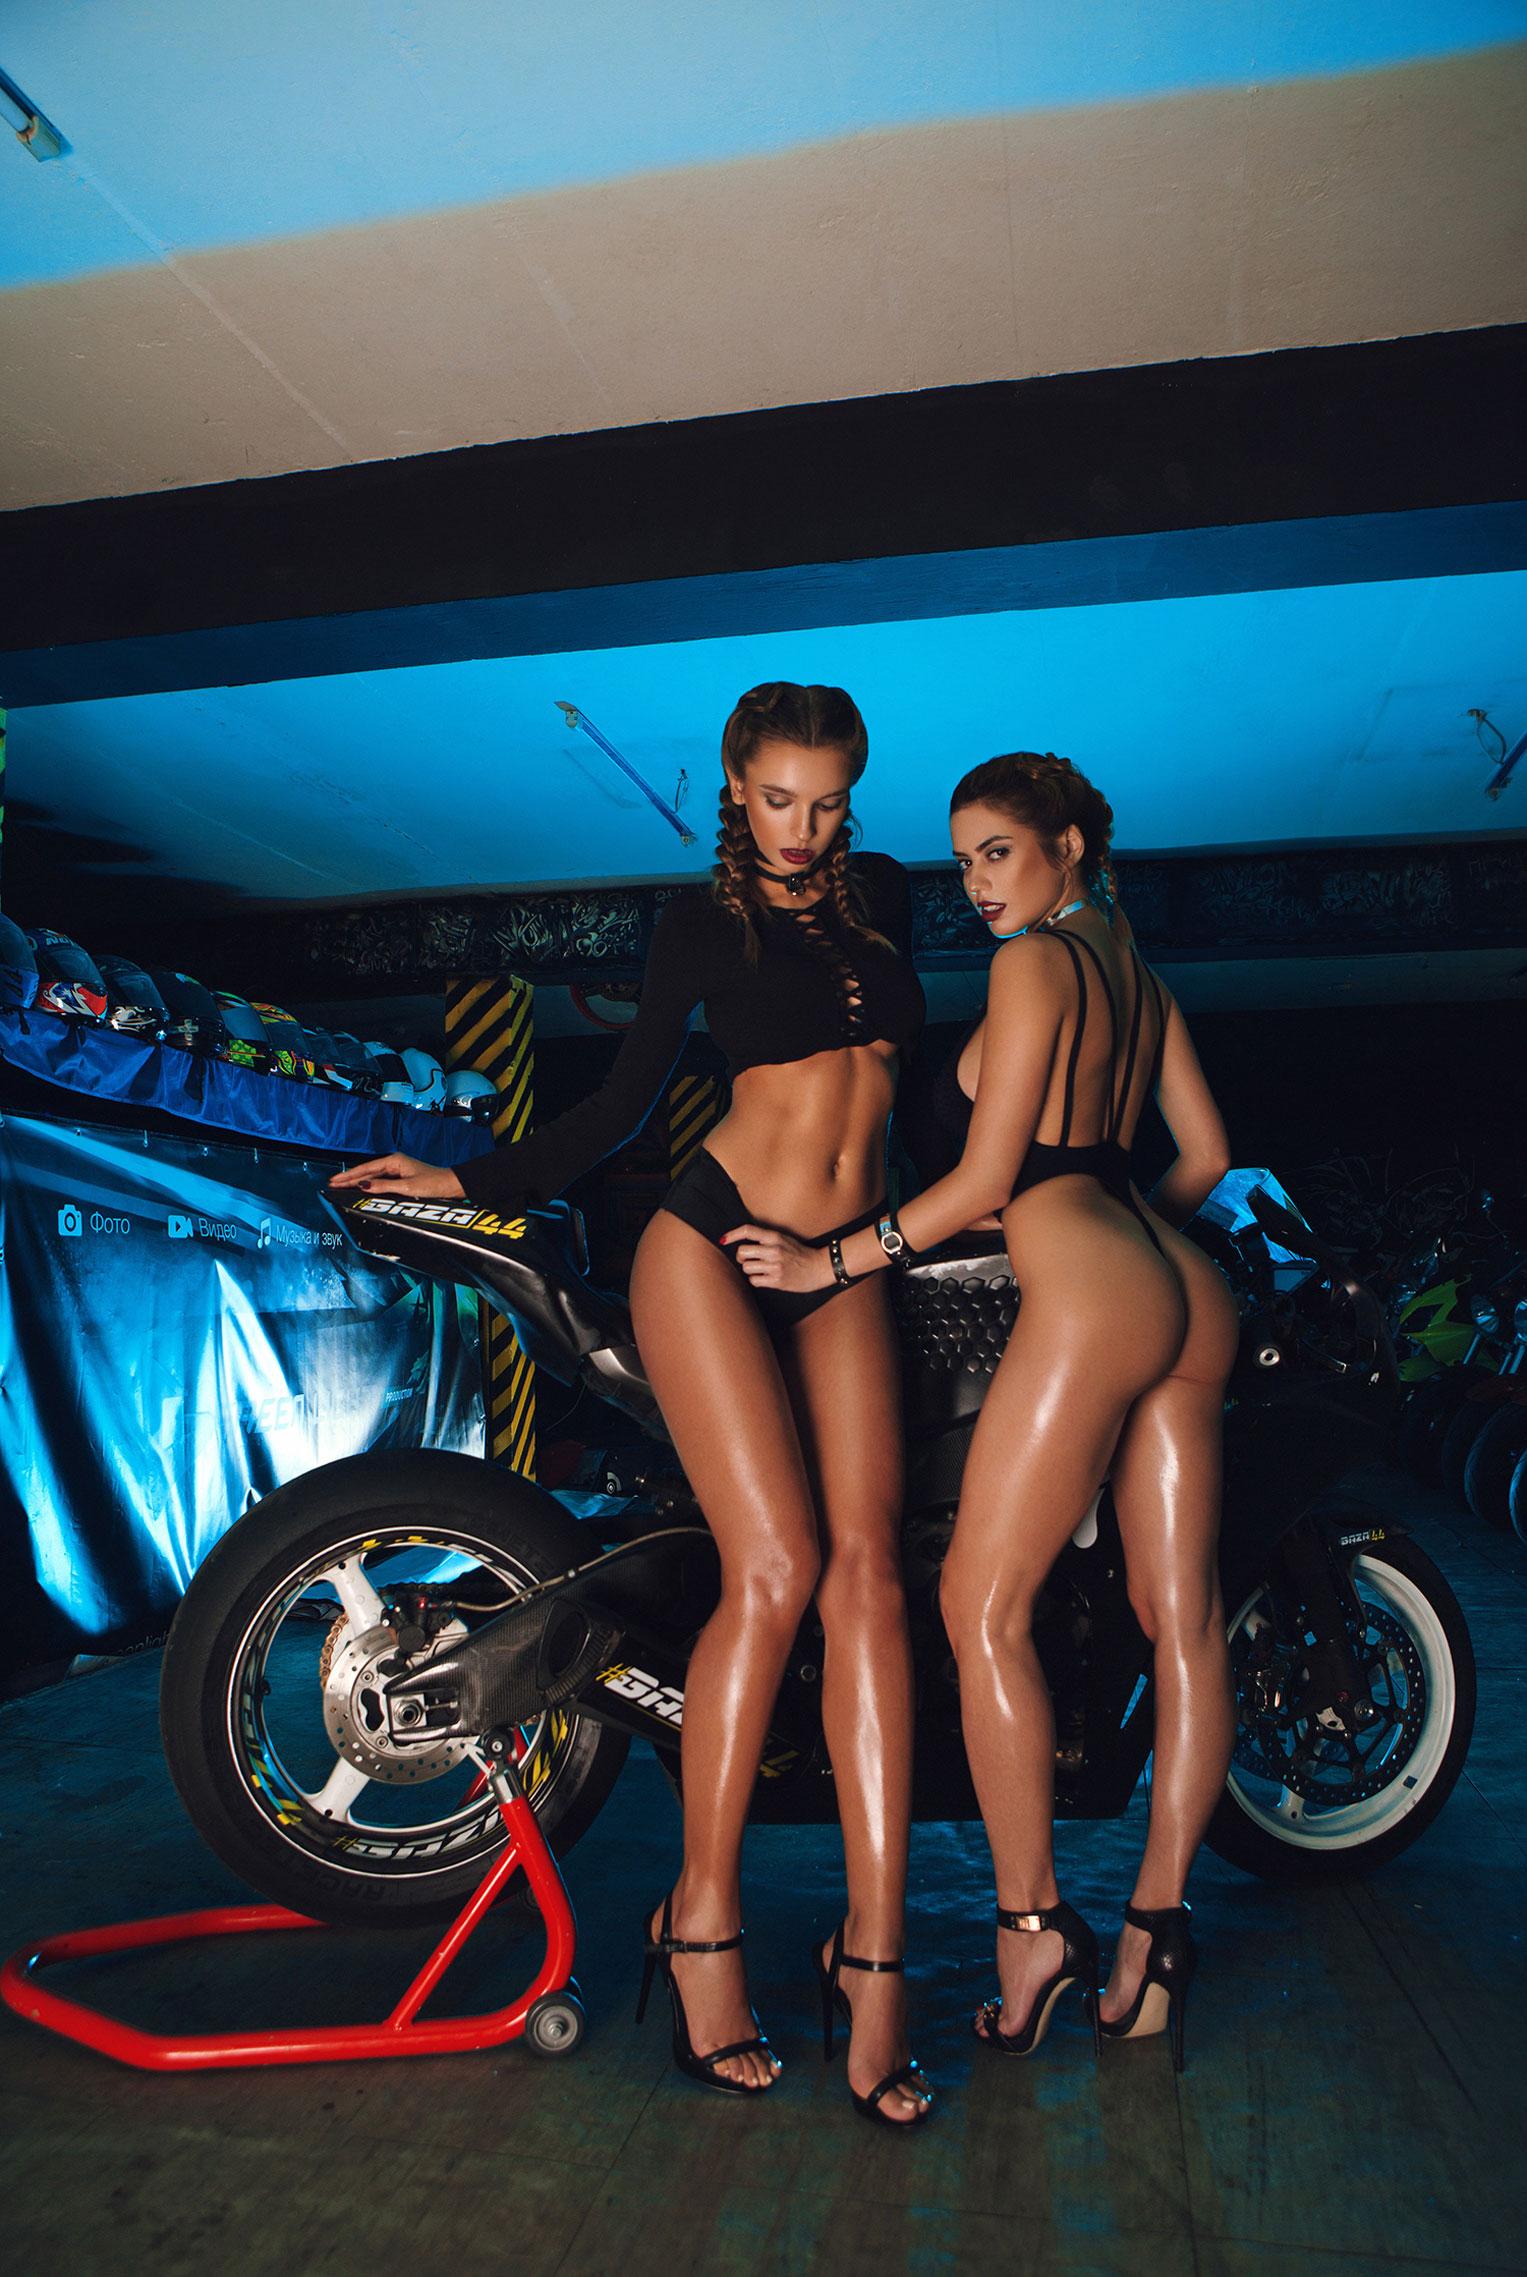 сексуальные мотогонщицы Марго Думас и Алина Ротару / фото 04